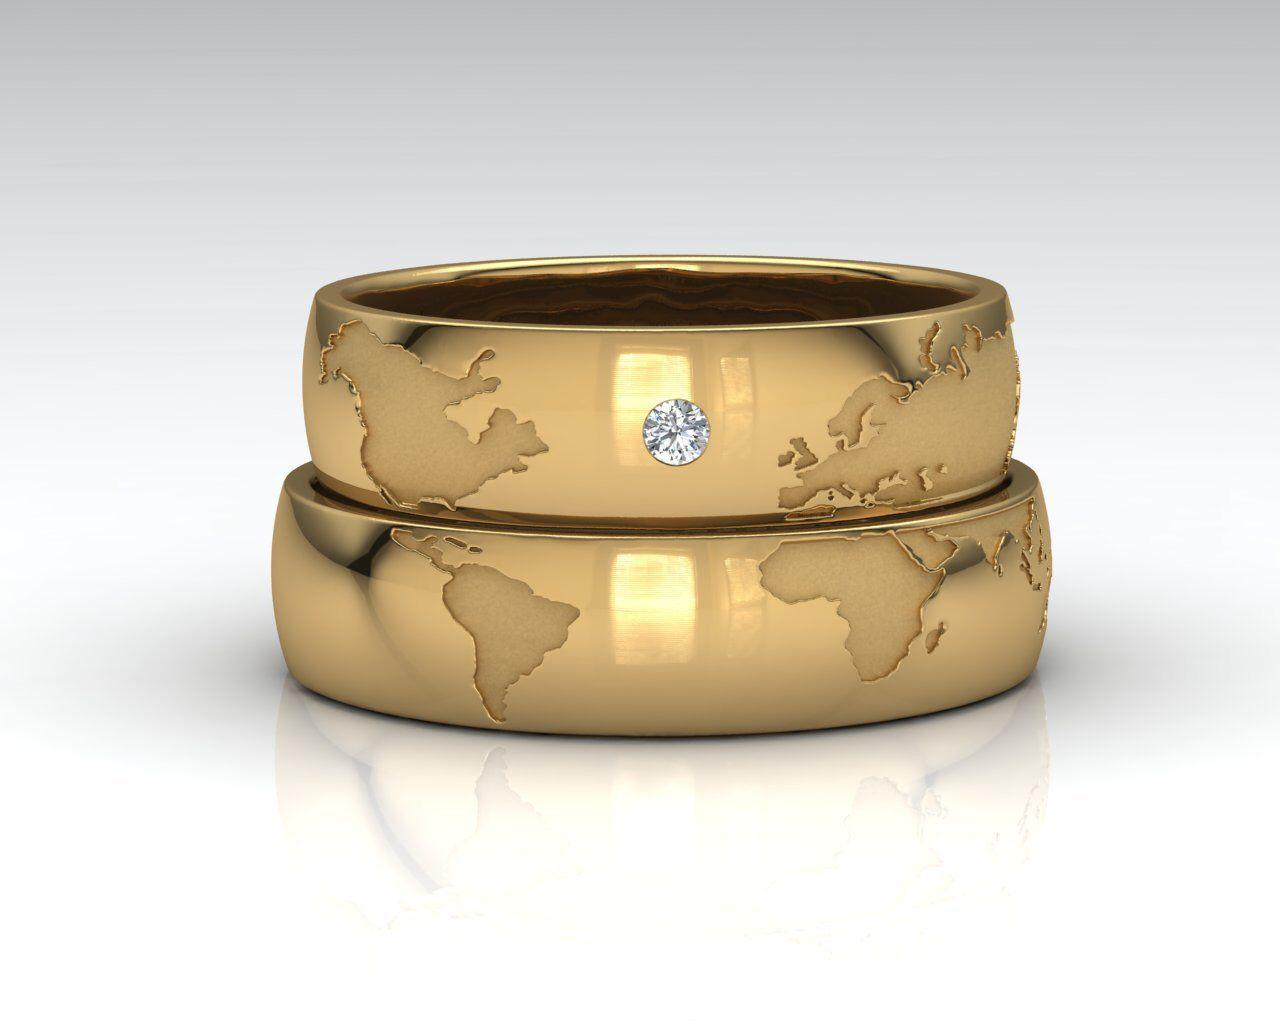 c78e002169f3 Originales anillos para parejas viajeras. Anillos mapamundi